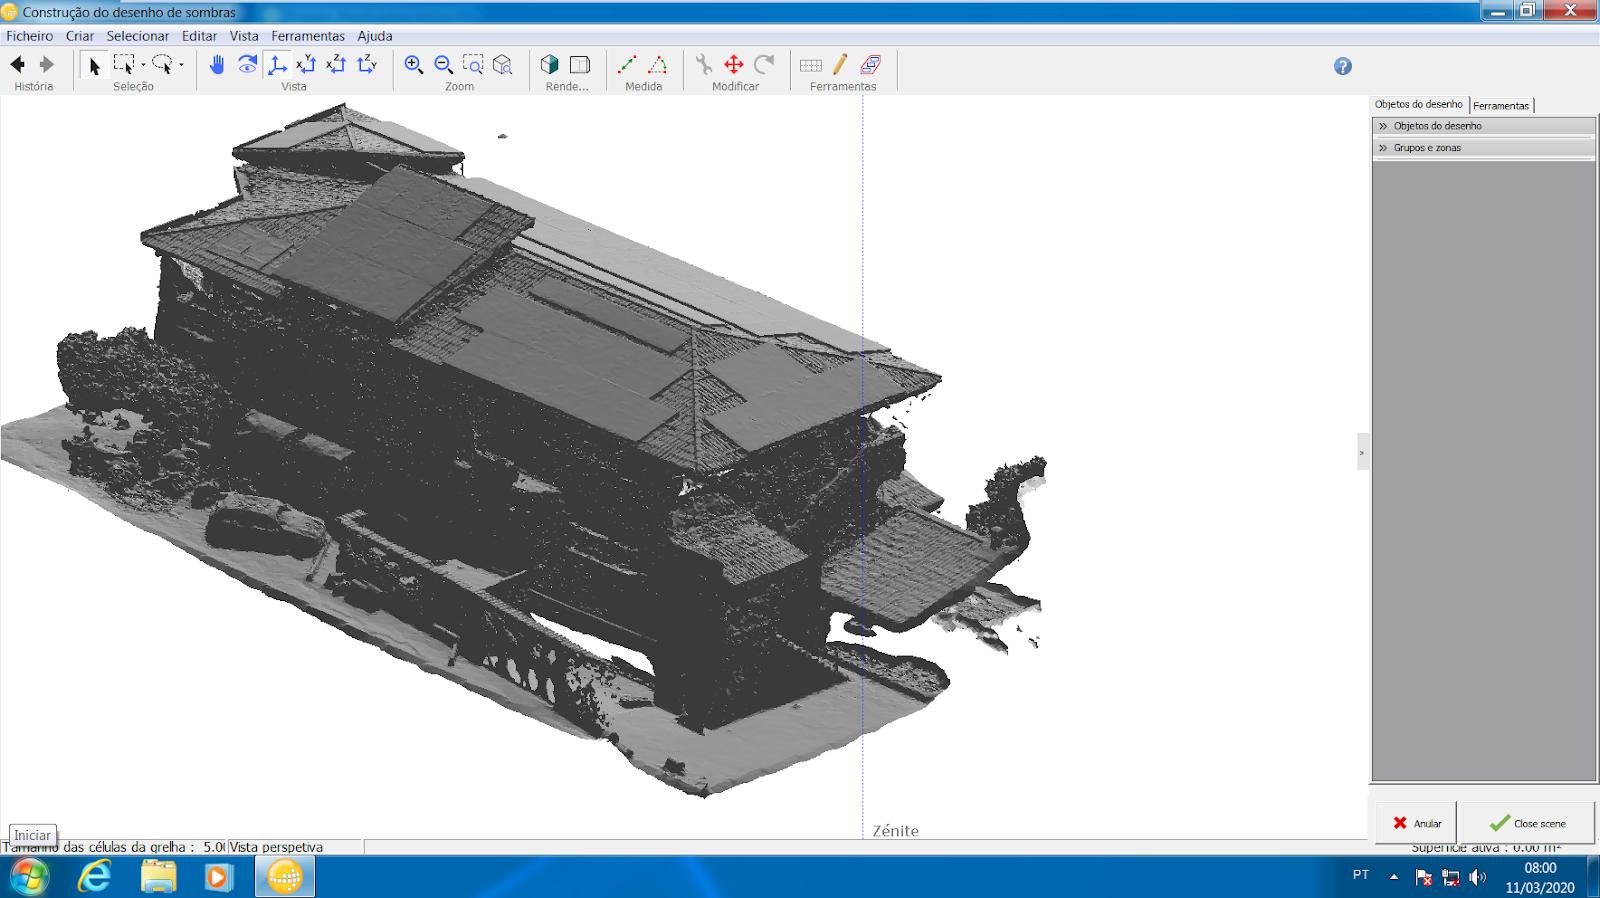 Figura 8: Modelo 3D importado no PVSyst